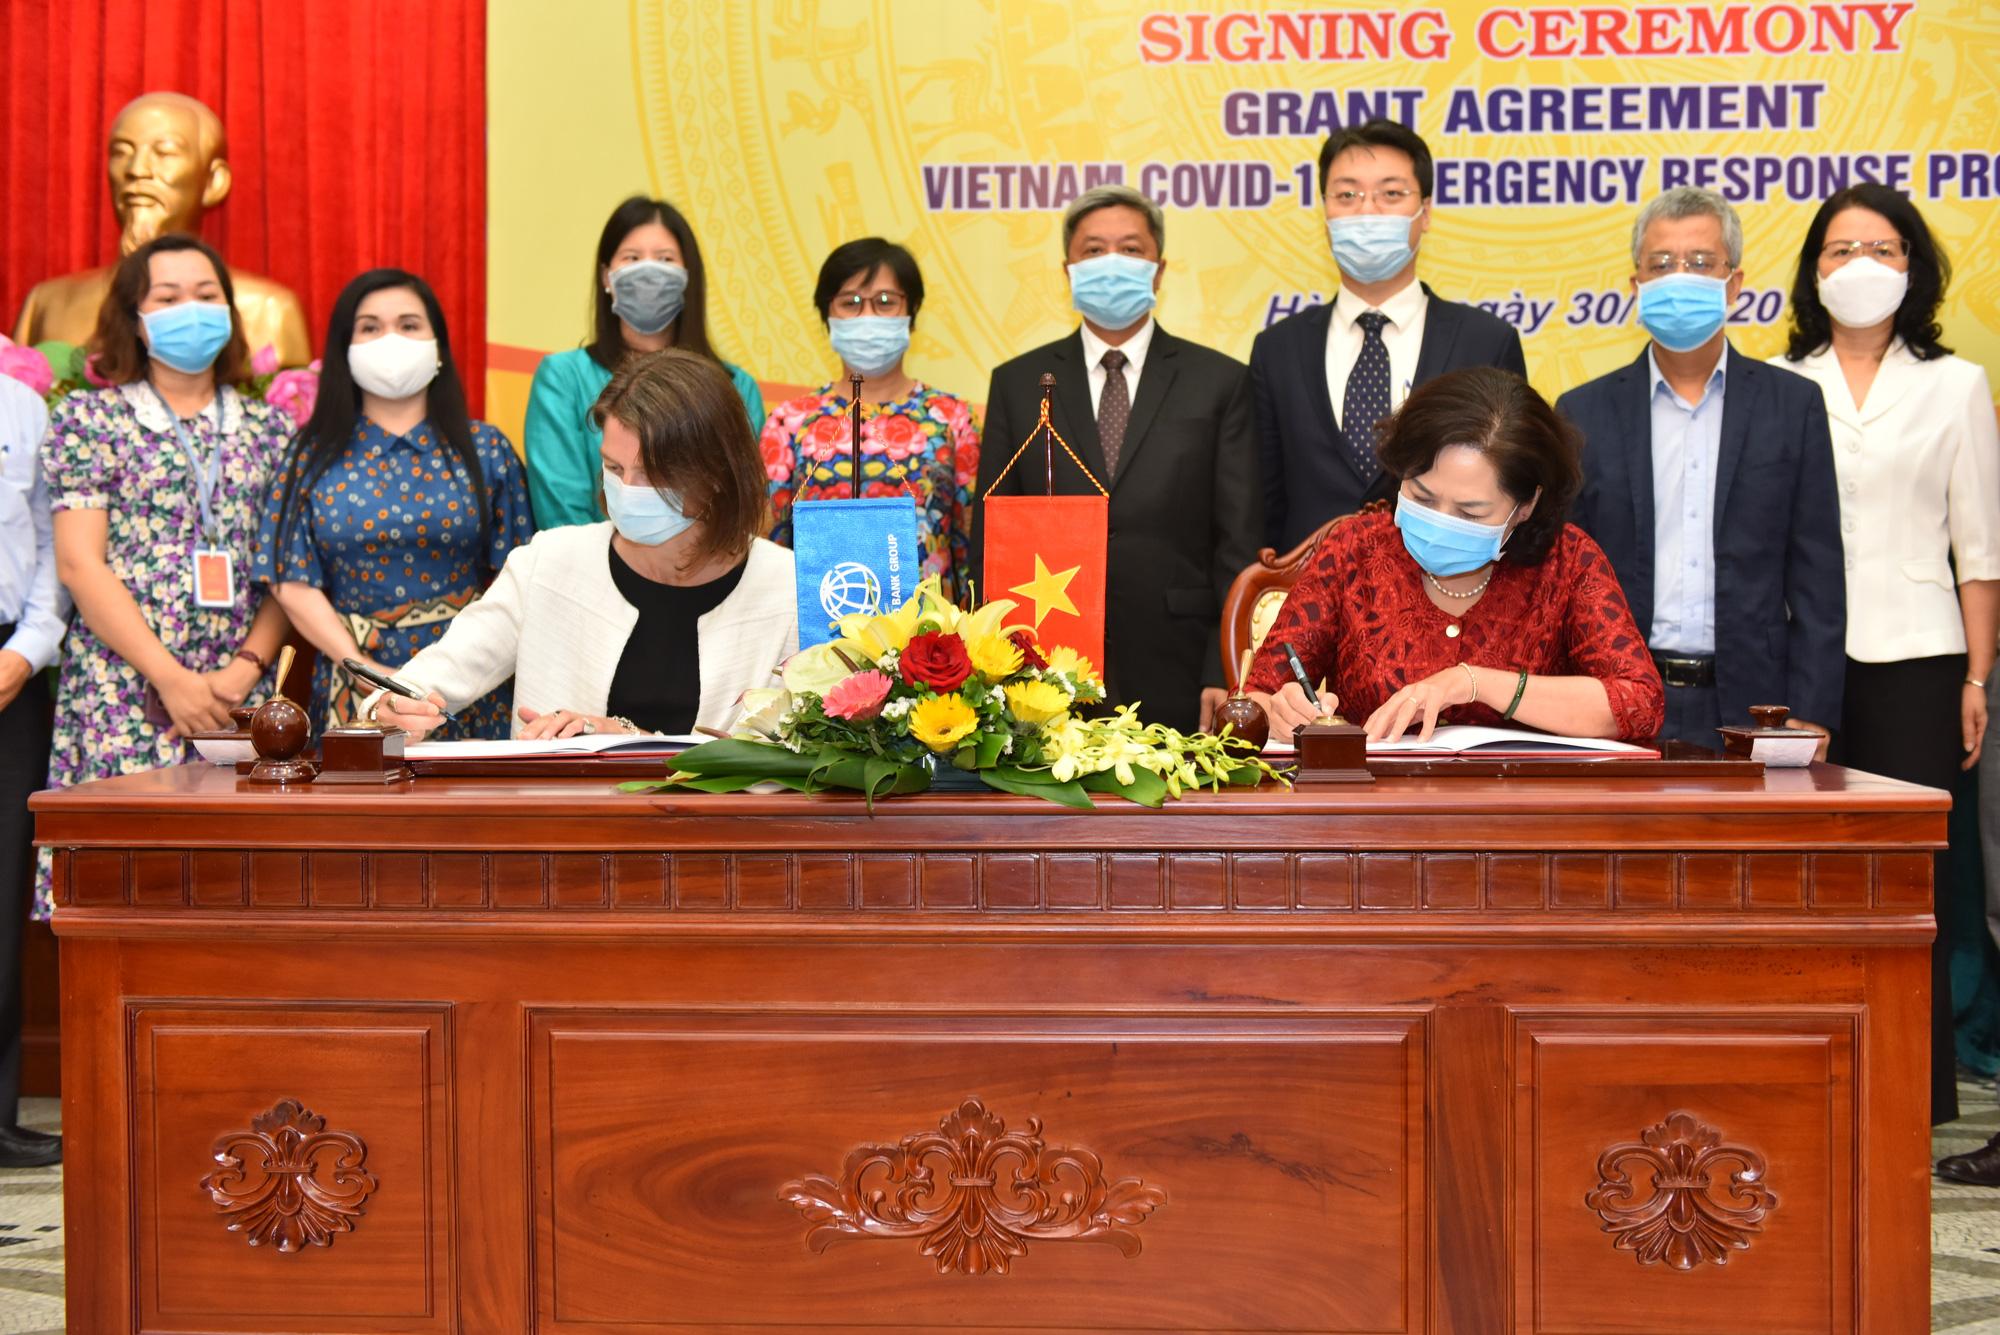 Ký kết Hiệp định Viện trợ không hoàn lại hơn 6,2 triệu USD giúp Việt Nam phát hiện và ứng phó Covid-19 - Ảnh 1.